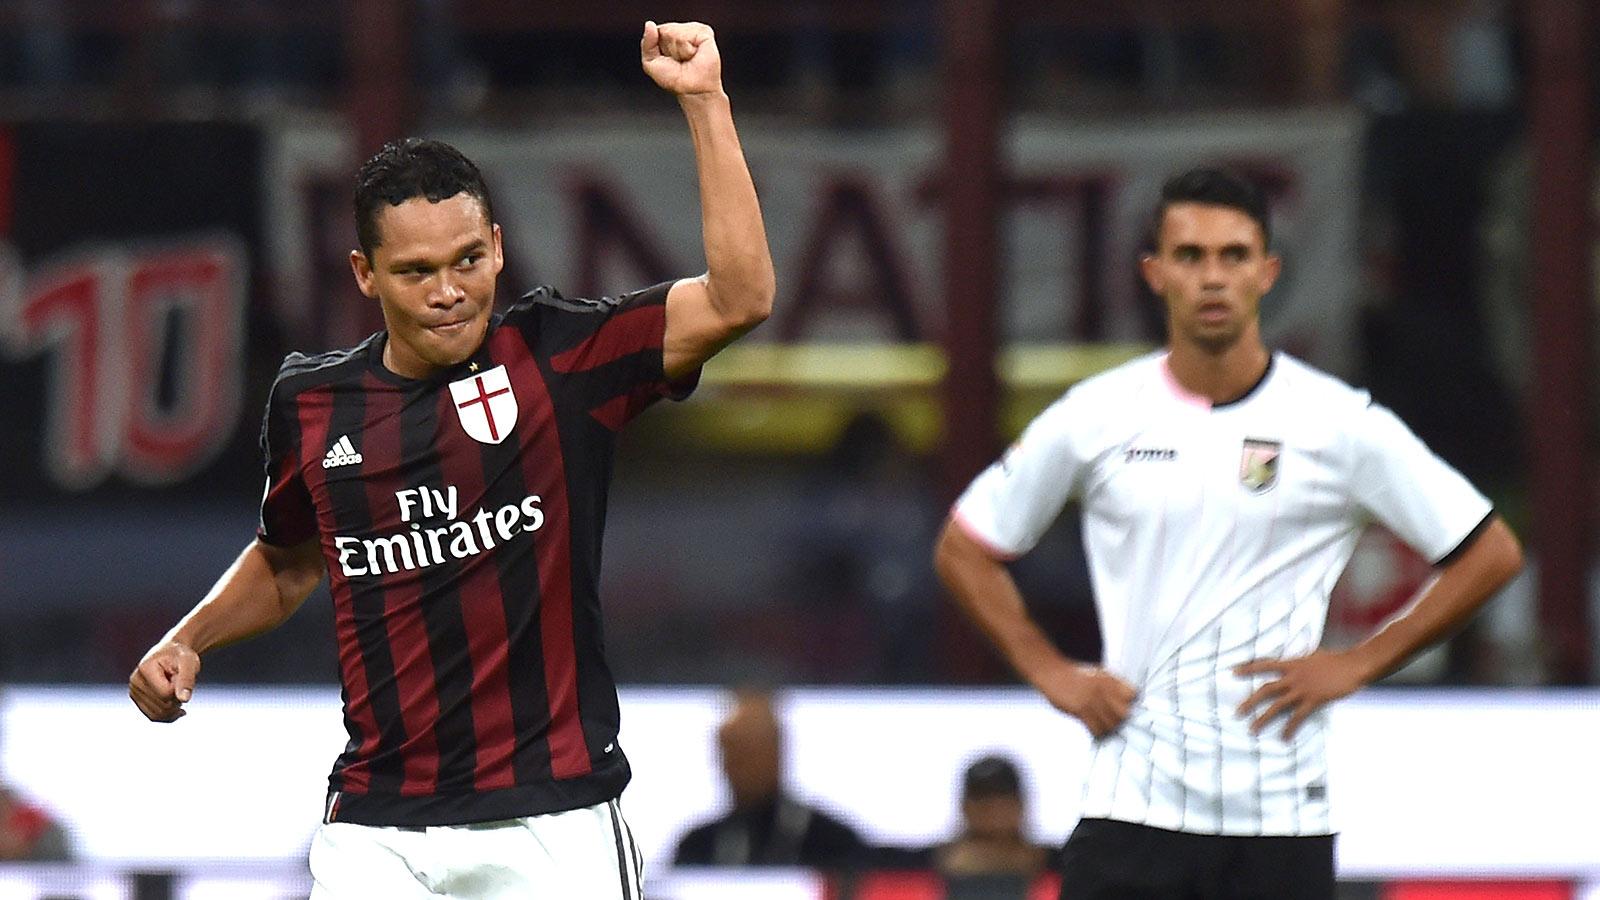 AC Milan sneak past Palermo; Empoli beat 10-man Udinese